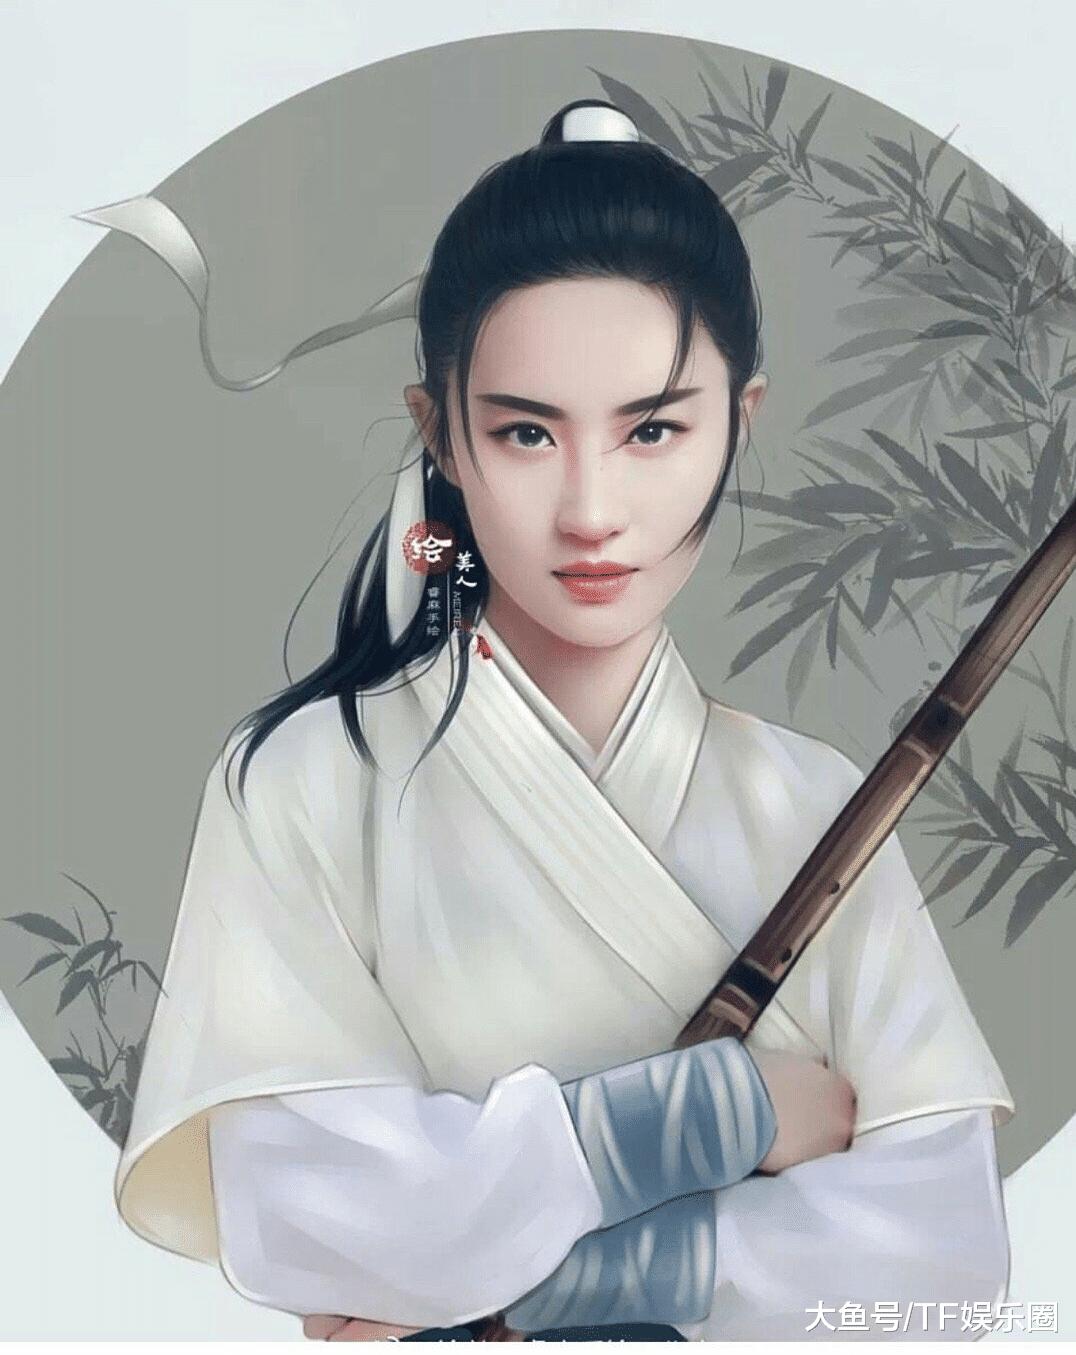 刘亦菲工作杀青后出国游玩,打卡著名景点,亲自验证旅游博主称号